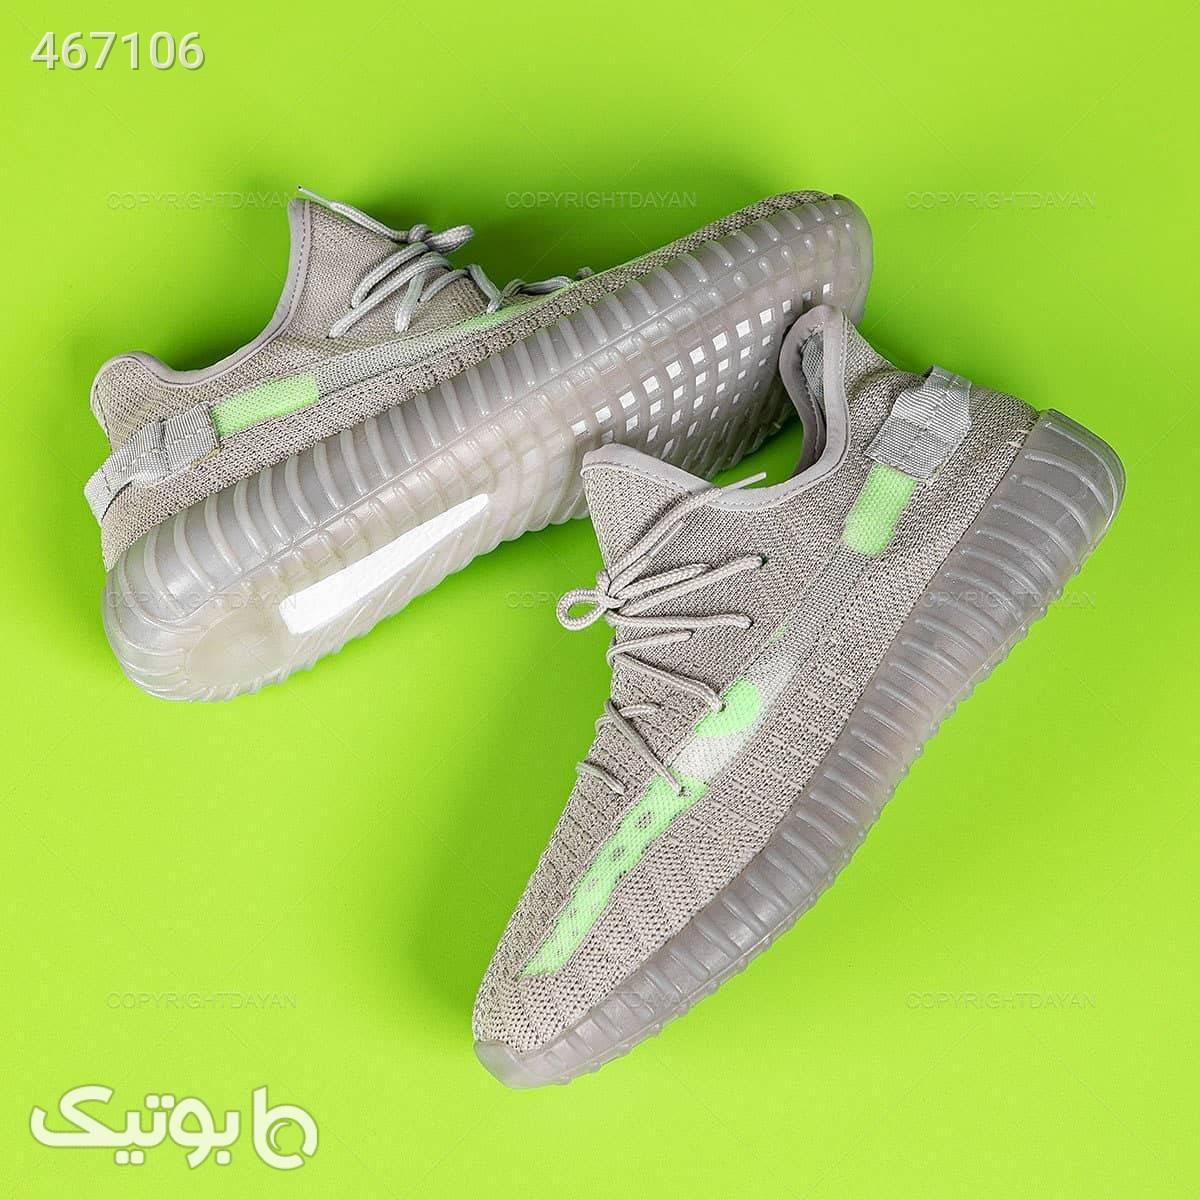 کفش مردانه آدیداس مدل 13203 خاکستری نقره ای كفش مردانه